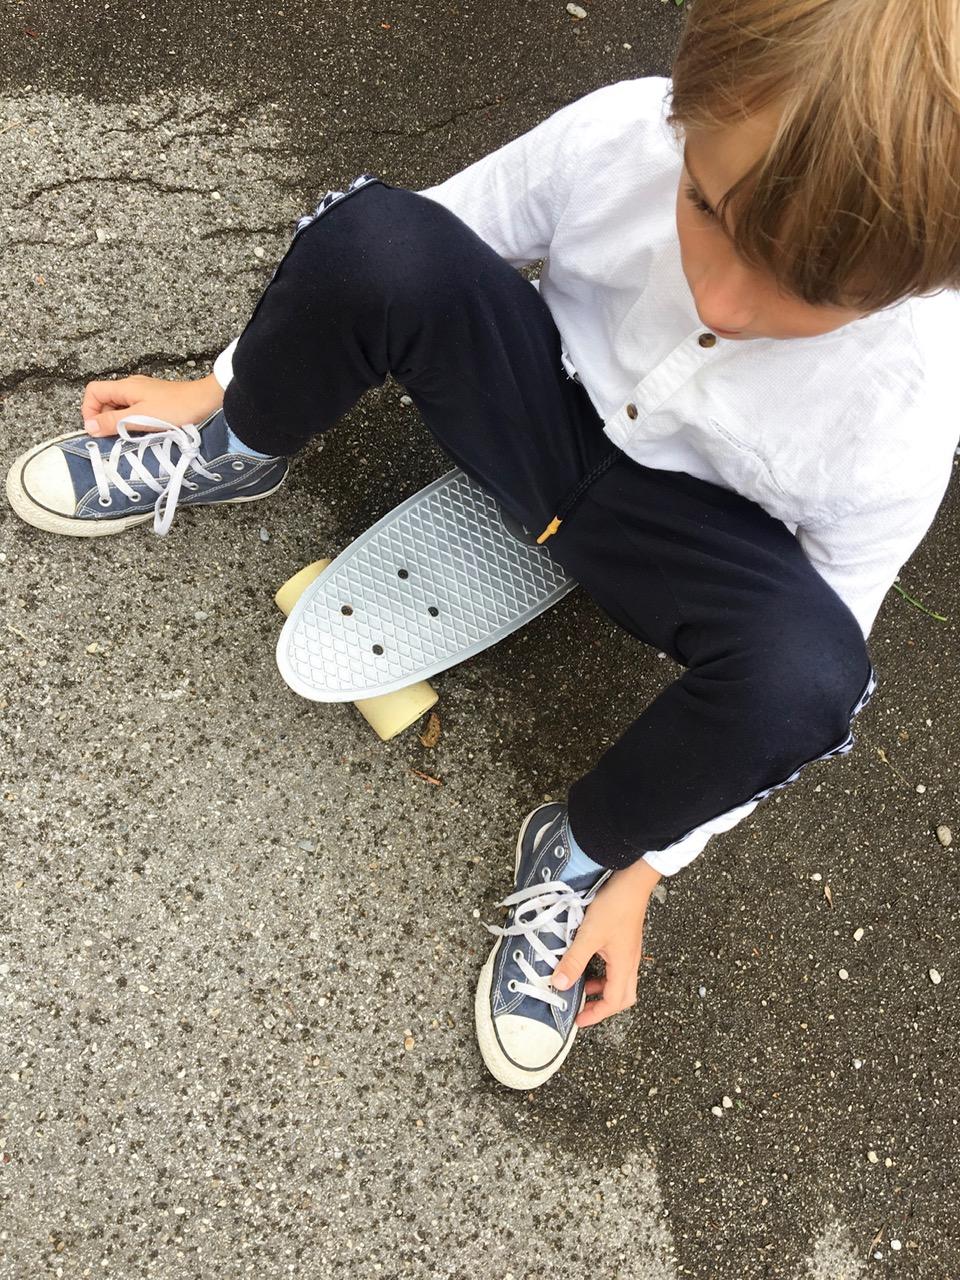 Skateboardfahren und Kinderpflaster.